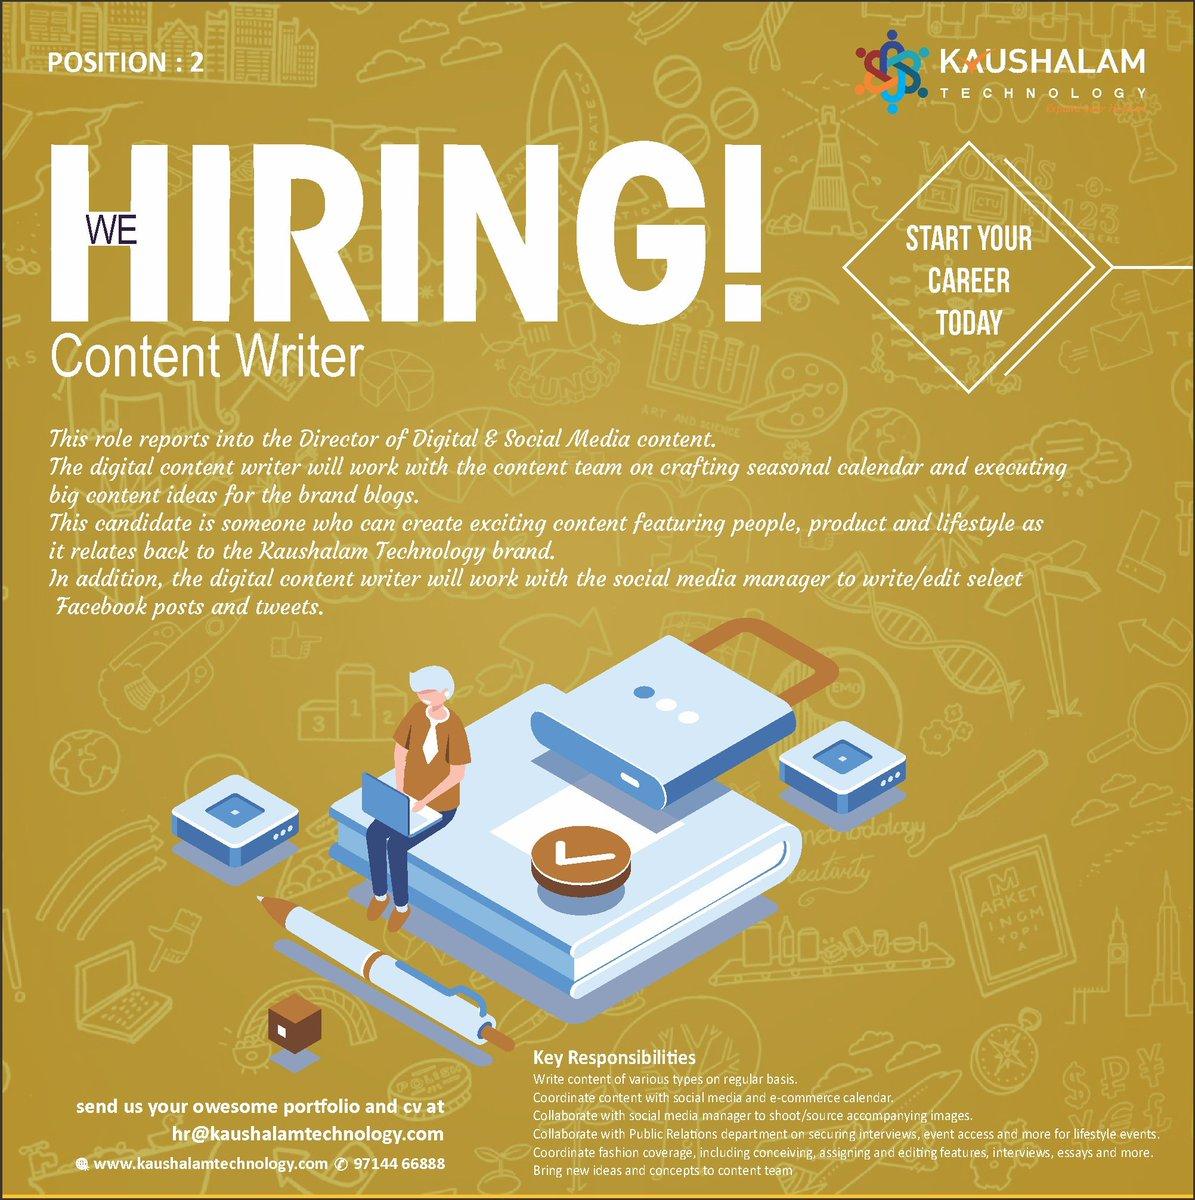 contentwriterjob hashtag on Twitter